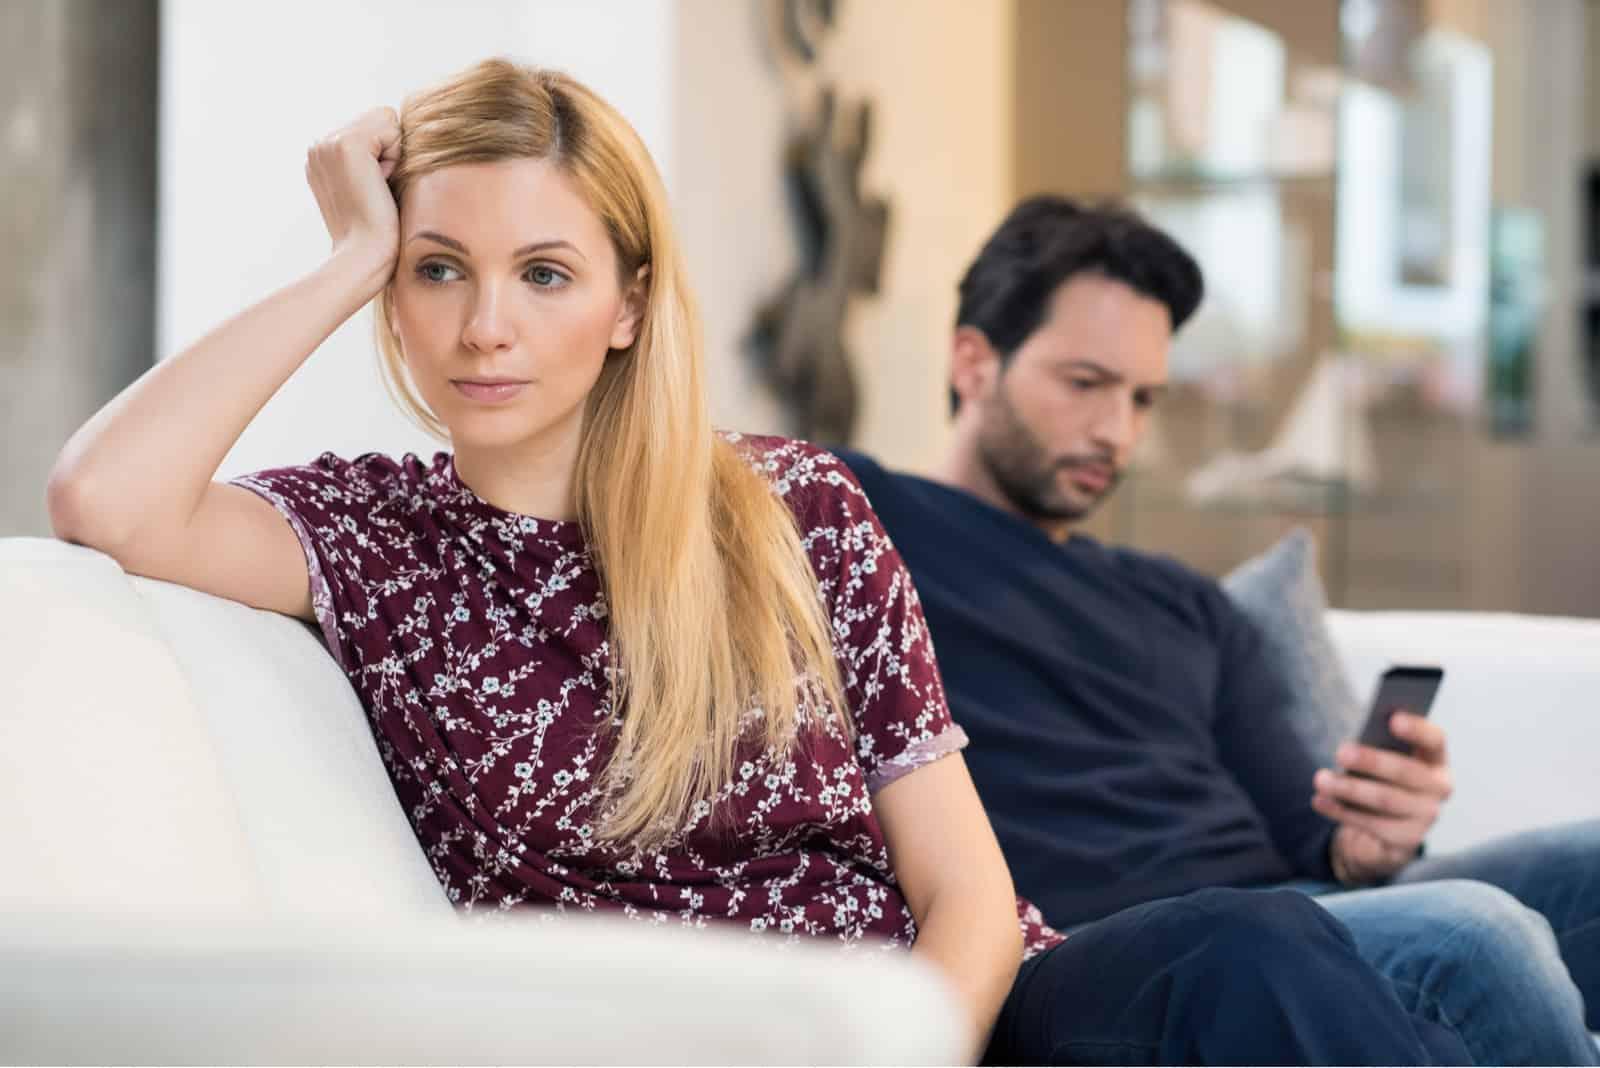 femme triste appuyée sur le canapé et assise près d'un homme